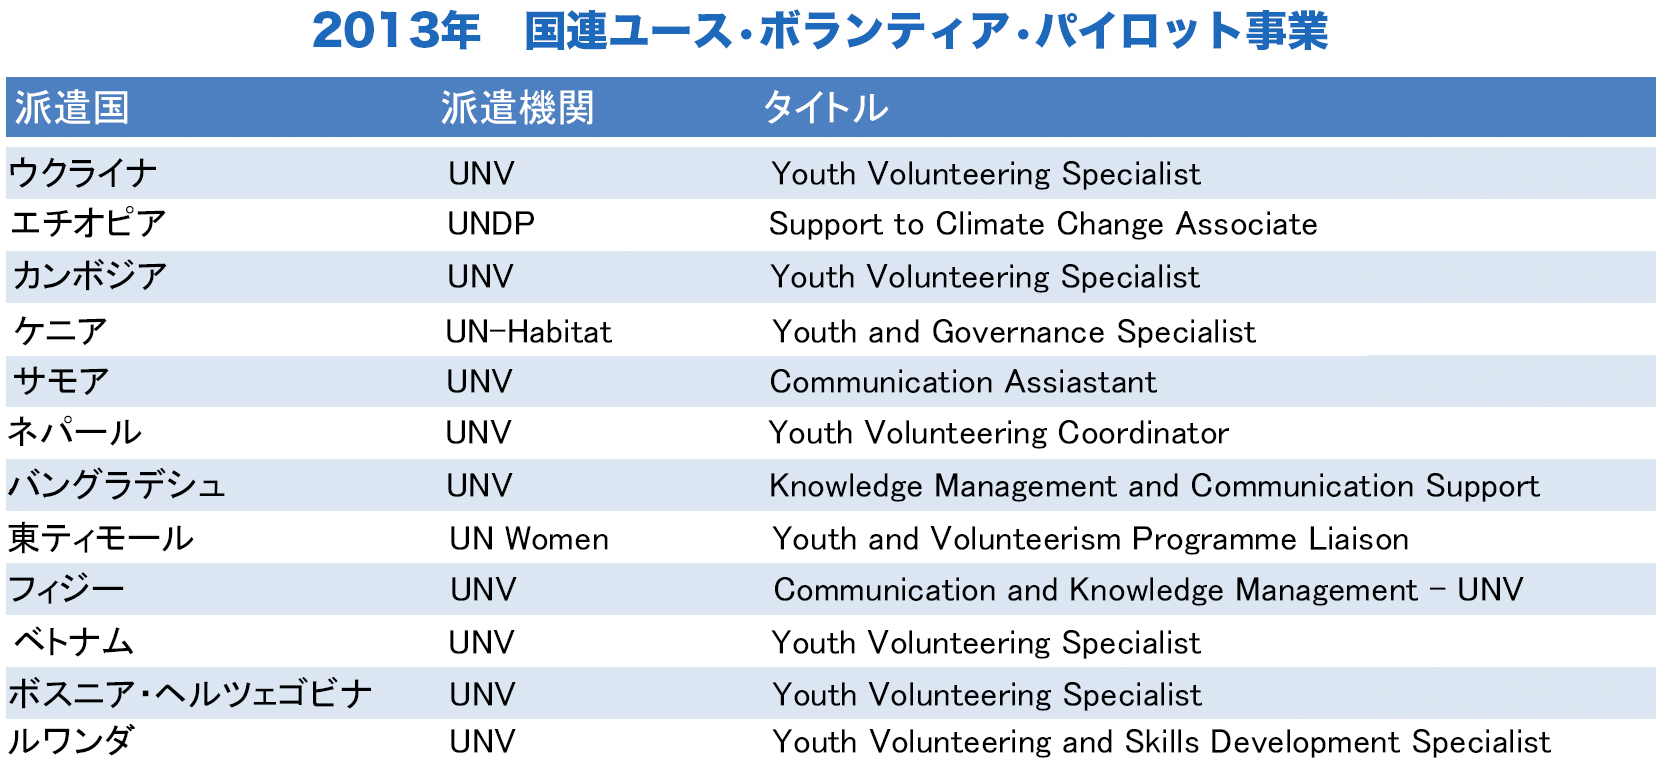 youthv3